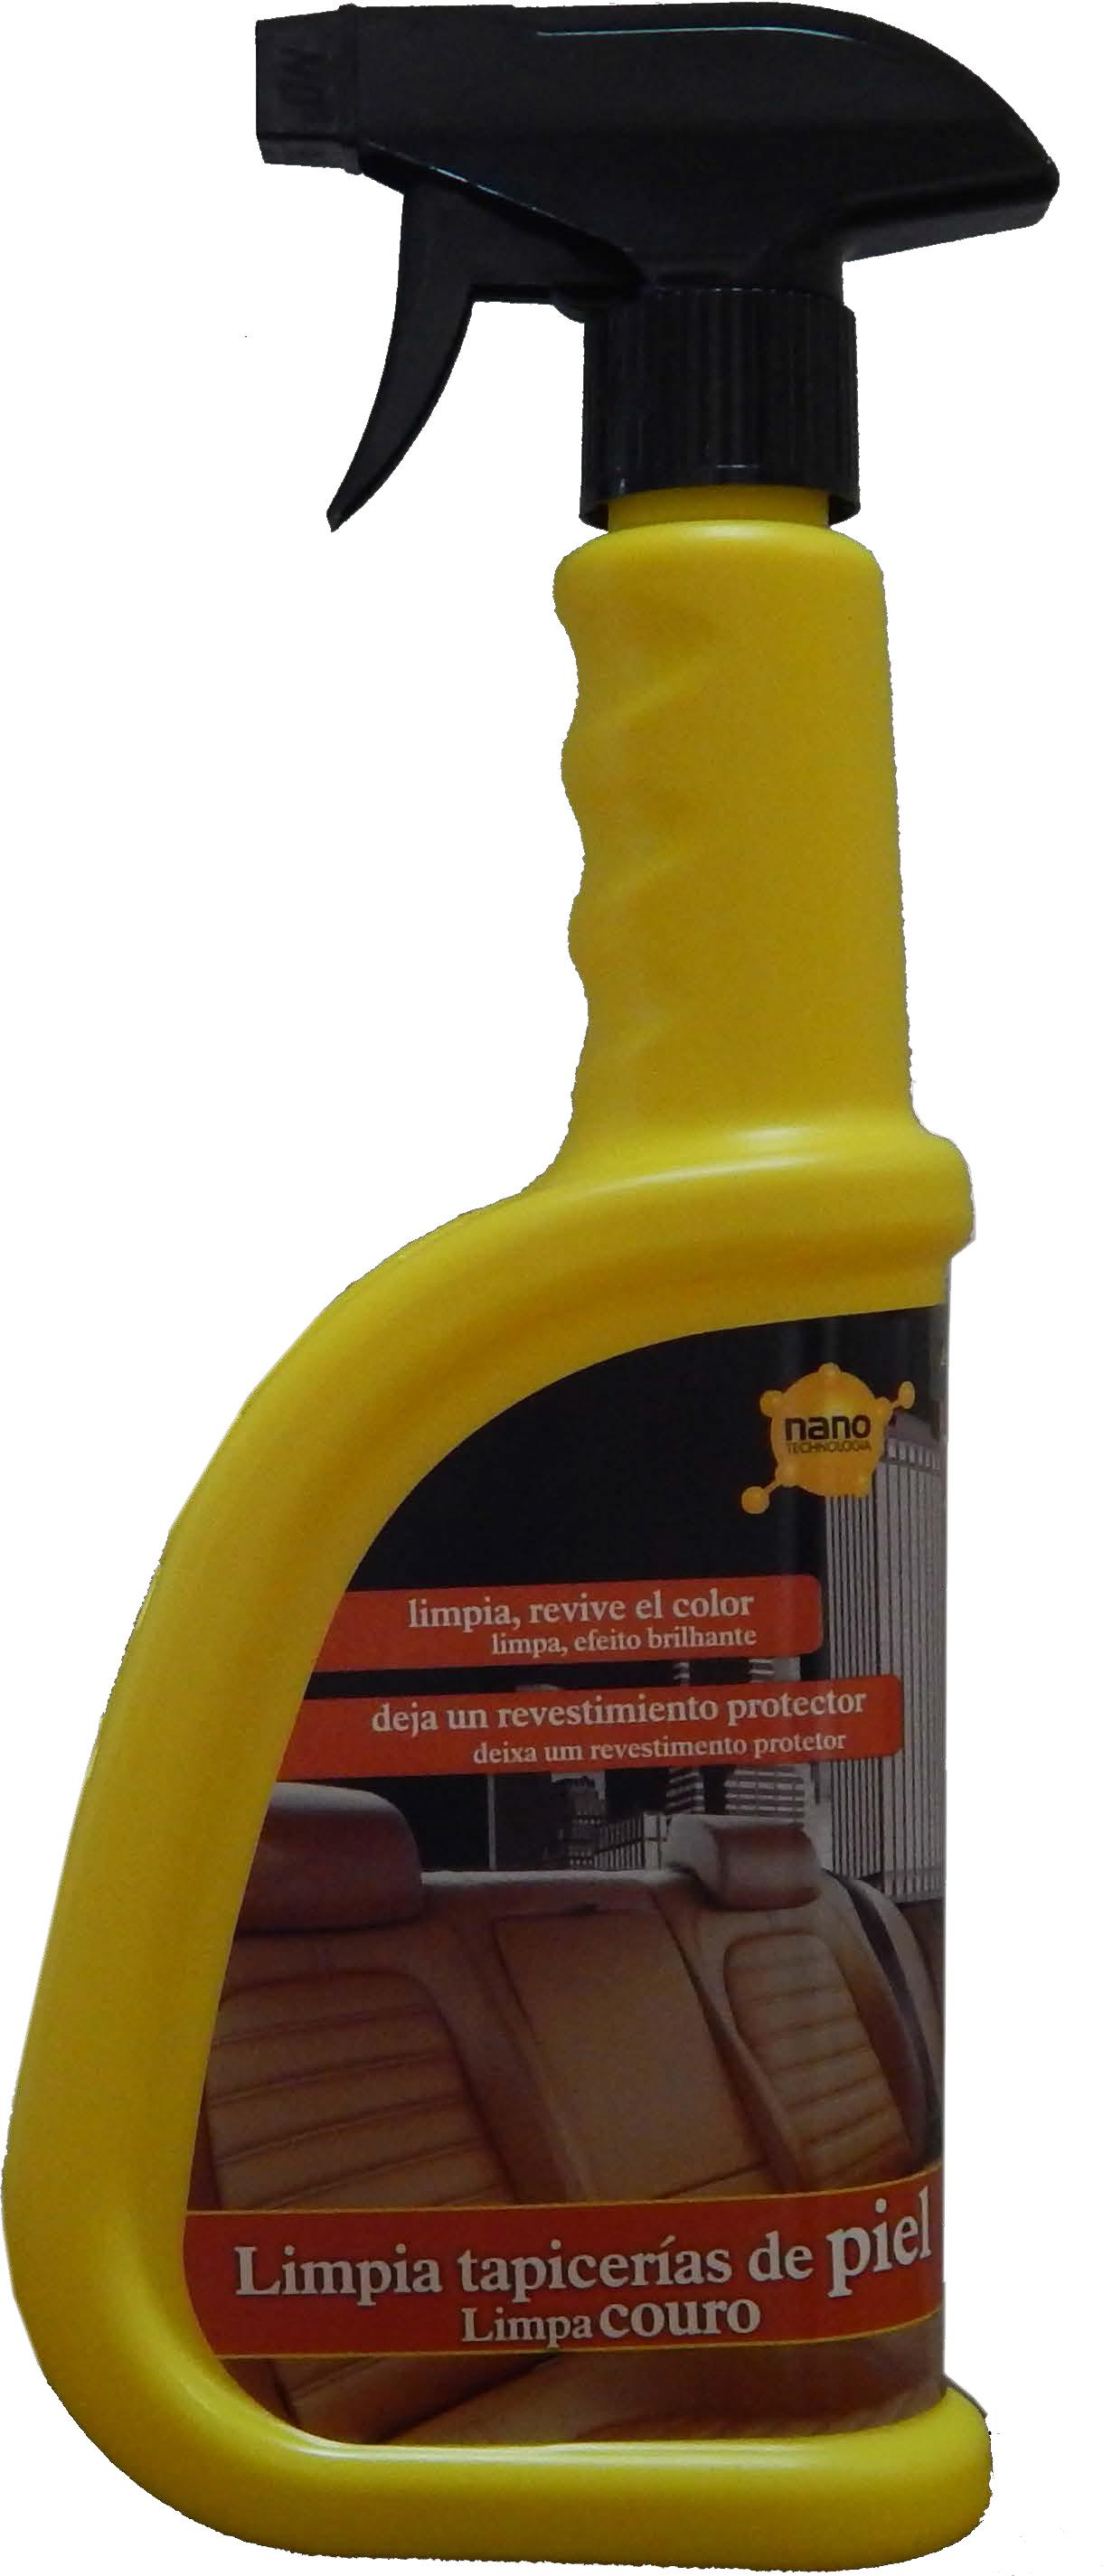 bottari-24509-limpia-tapicerias-piel-580-ml-spray